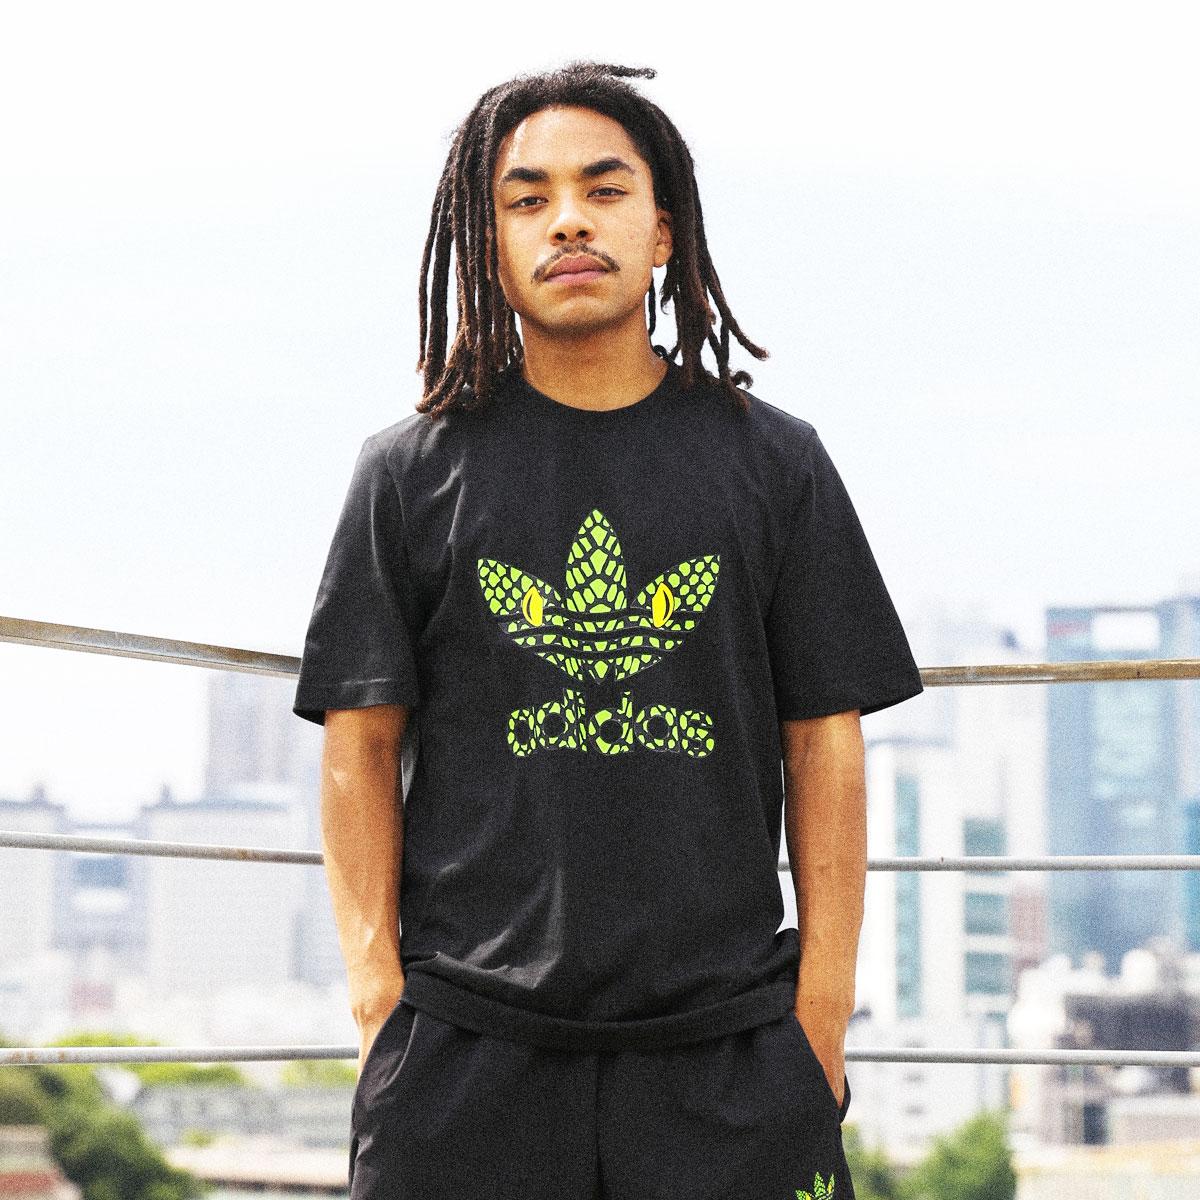 トップス, Tシャツ・カットソー adidas GID TEE ATMOS G-SNK( GID T G-SNK)BLACK T20SS-S at20-c